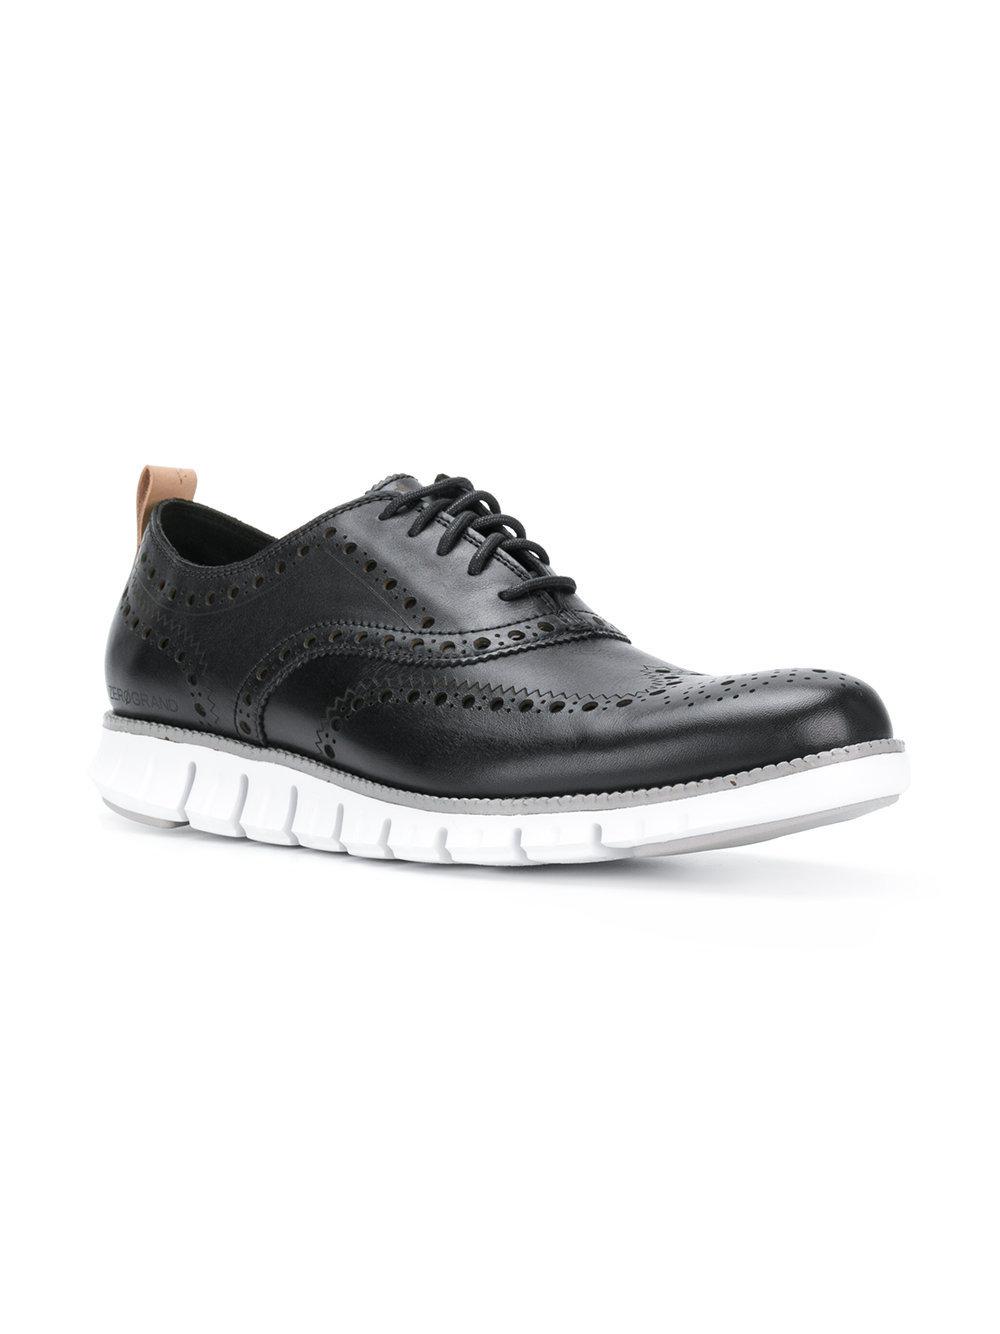 Cuero Negros De Brogue Cole Haan Zapatos zMpqSVUG